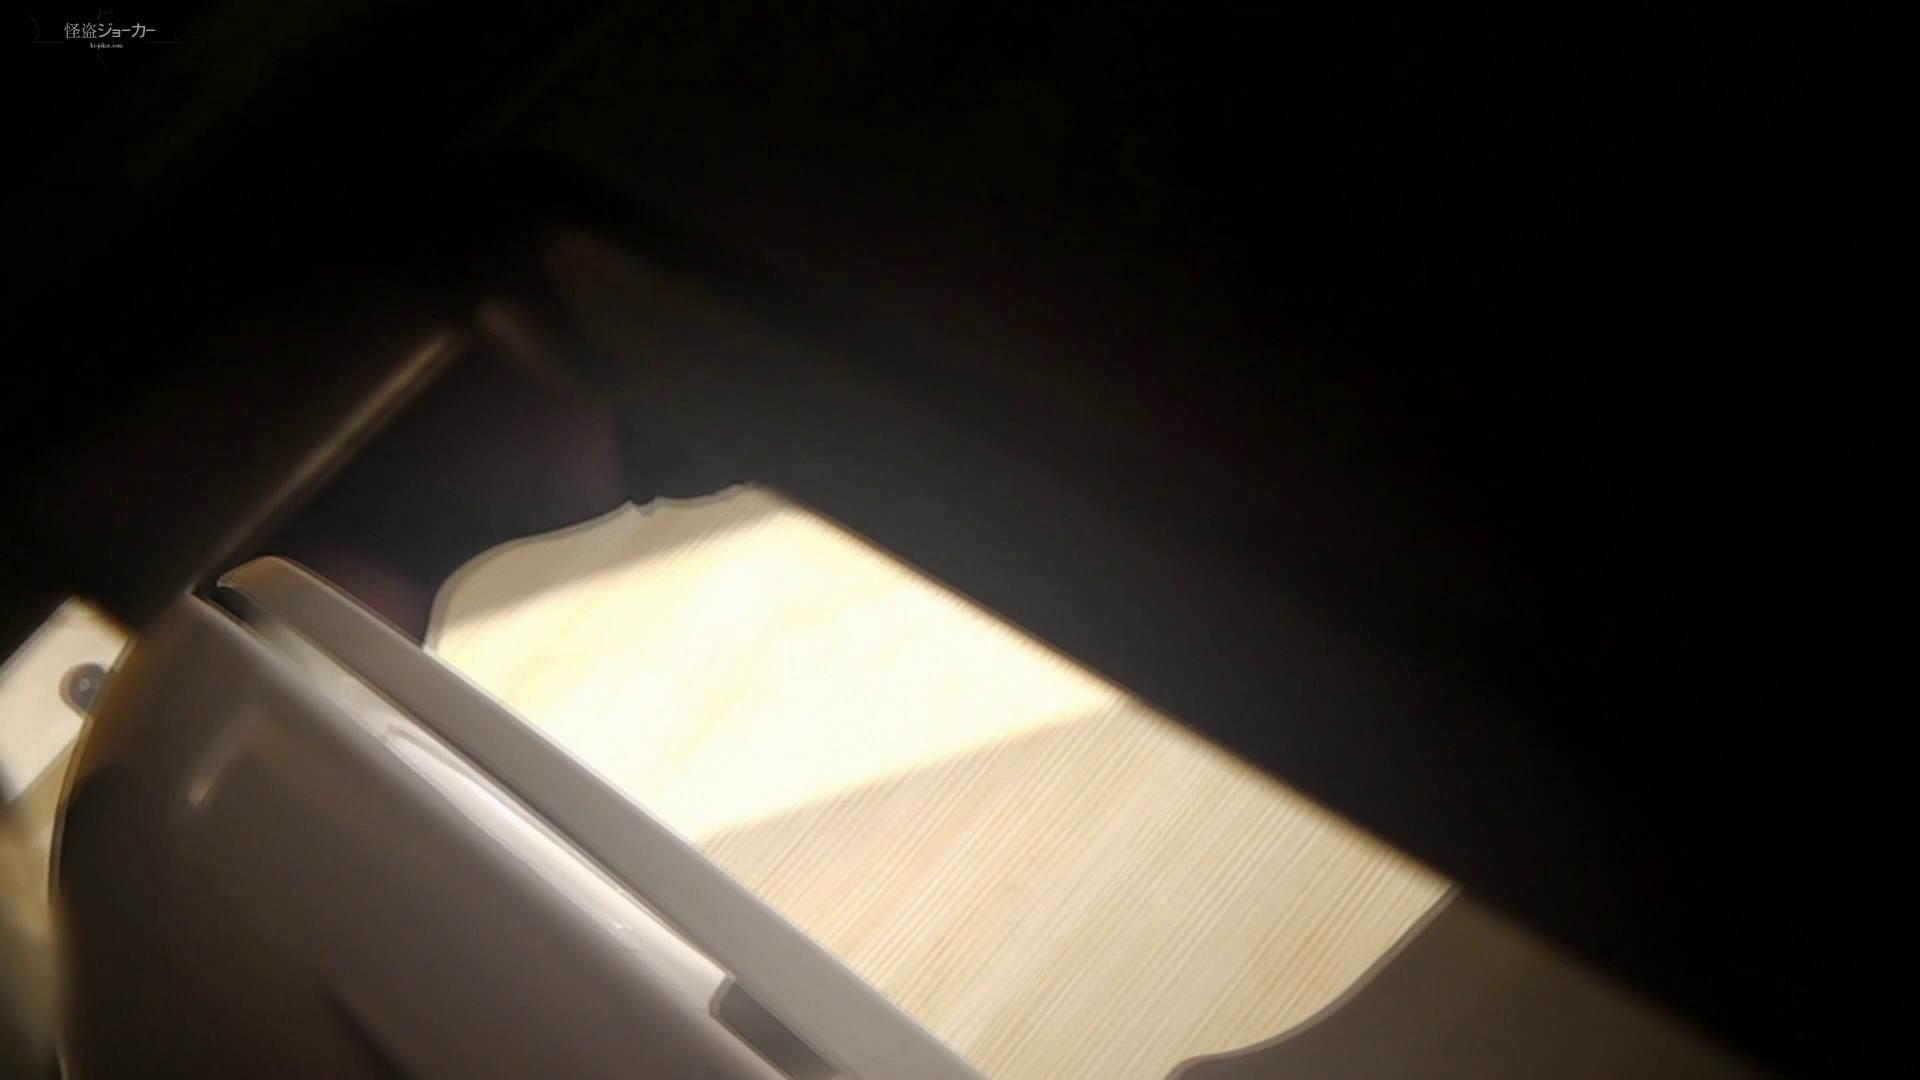 阿国ちゃんの和式洋式七変化 Vol.25 ん?突起物が・・・。 OL | 洗面所着替え  64連発 62